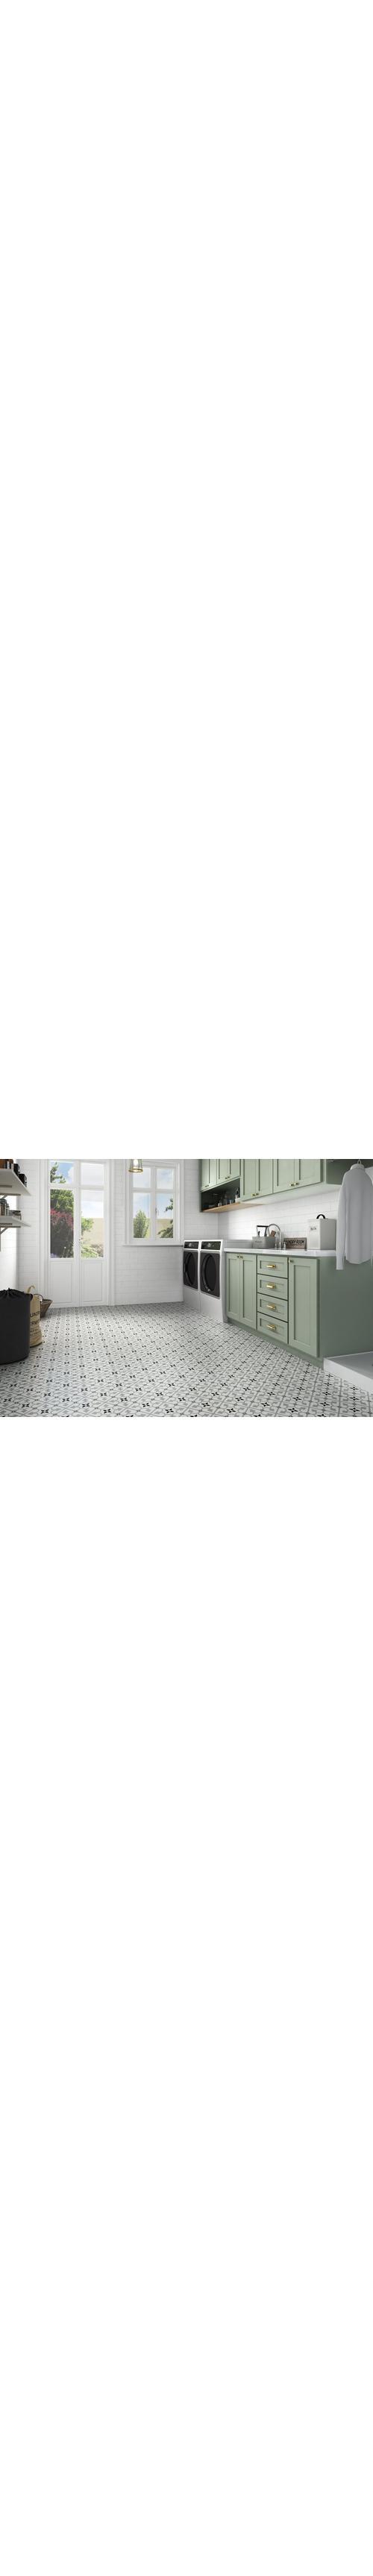 Brighton Ceramic Tile 18 X 18 100581750 Floor And Decor